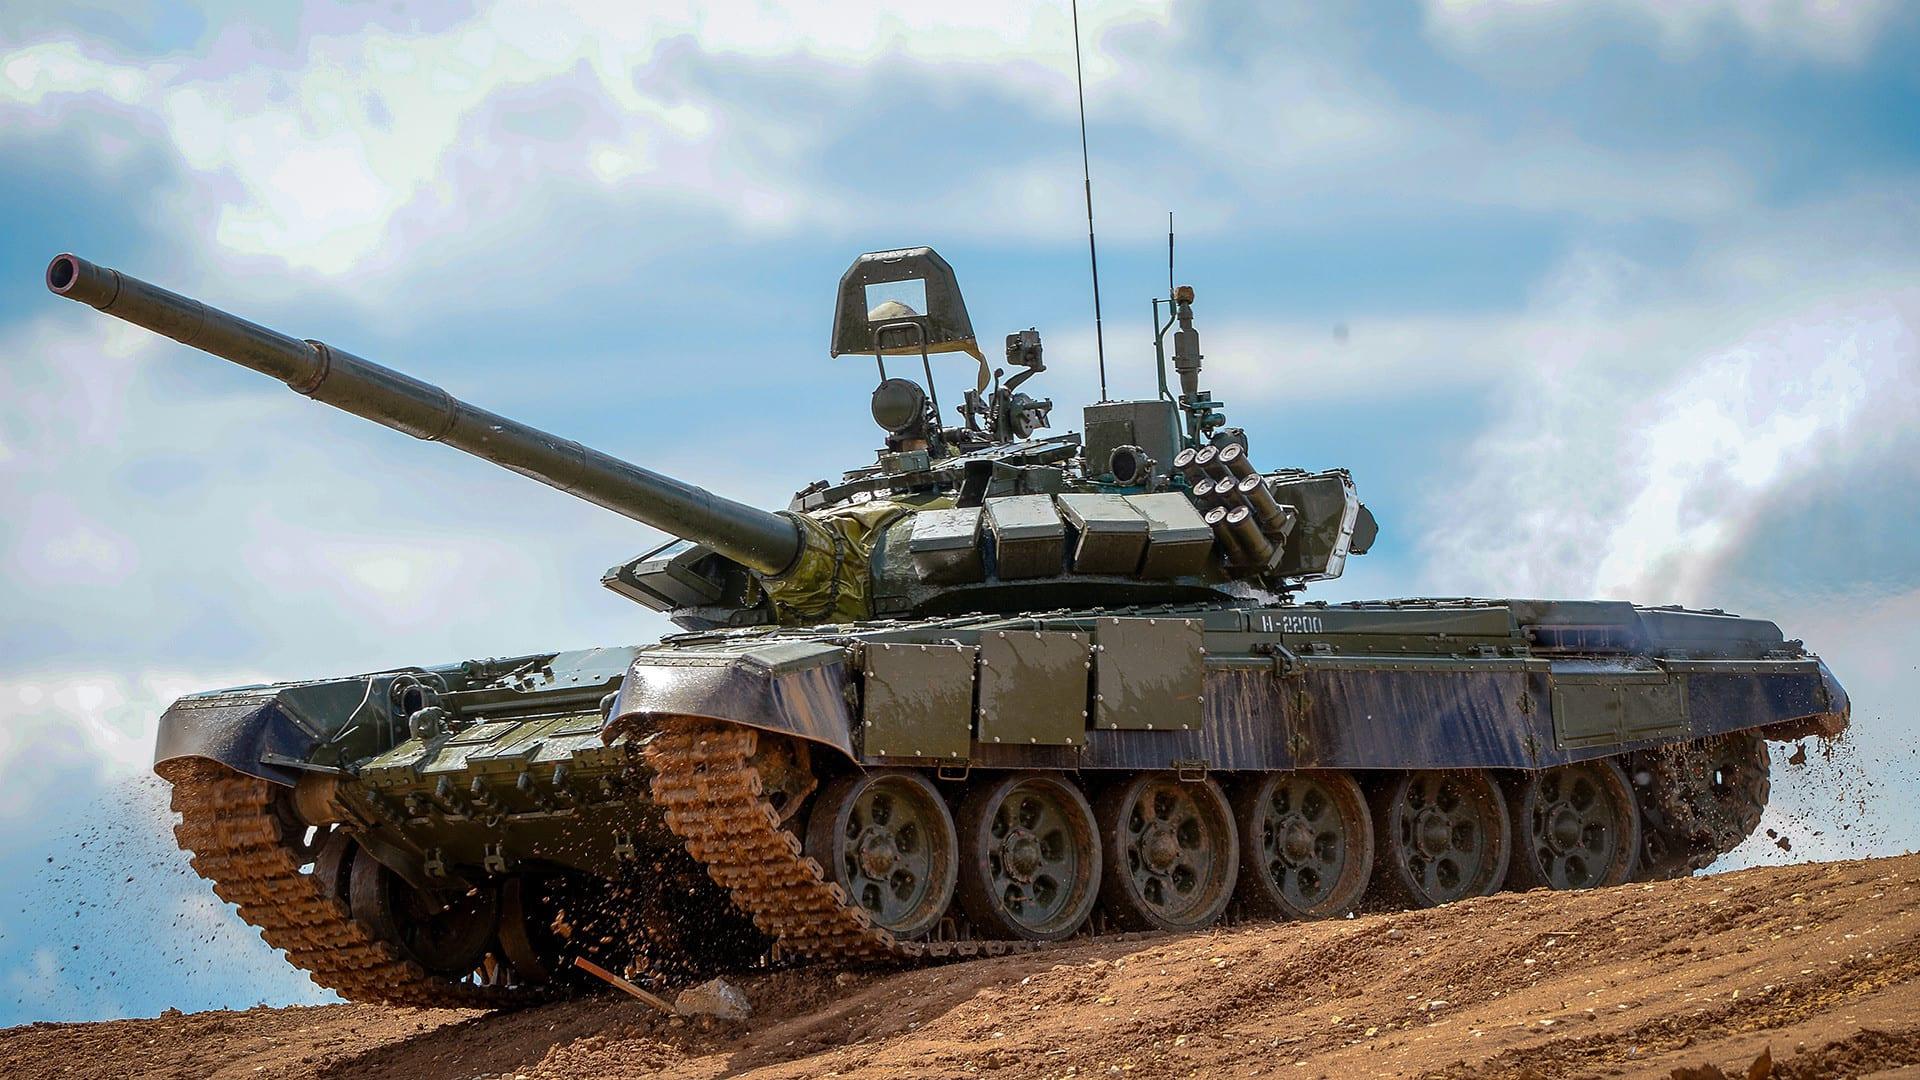 Tanque de guerra - Criação, modernização e funcionamento